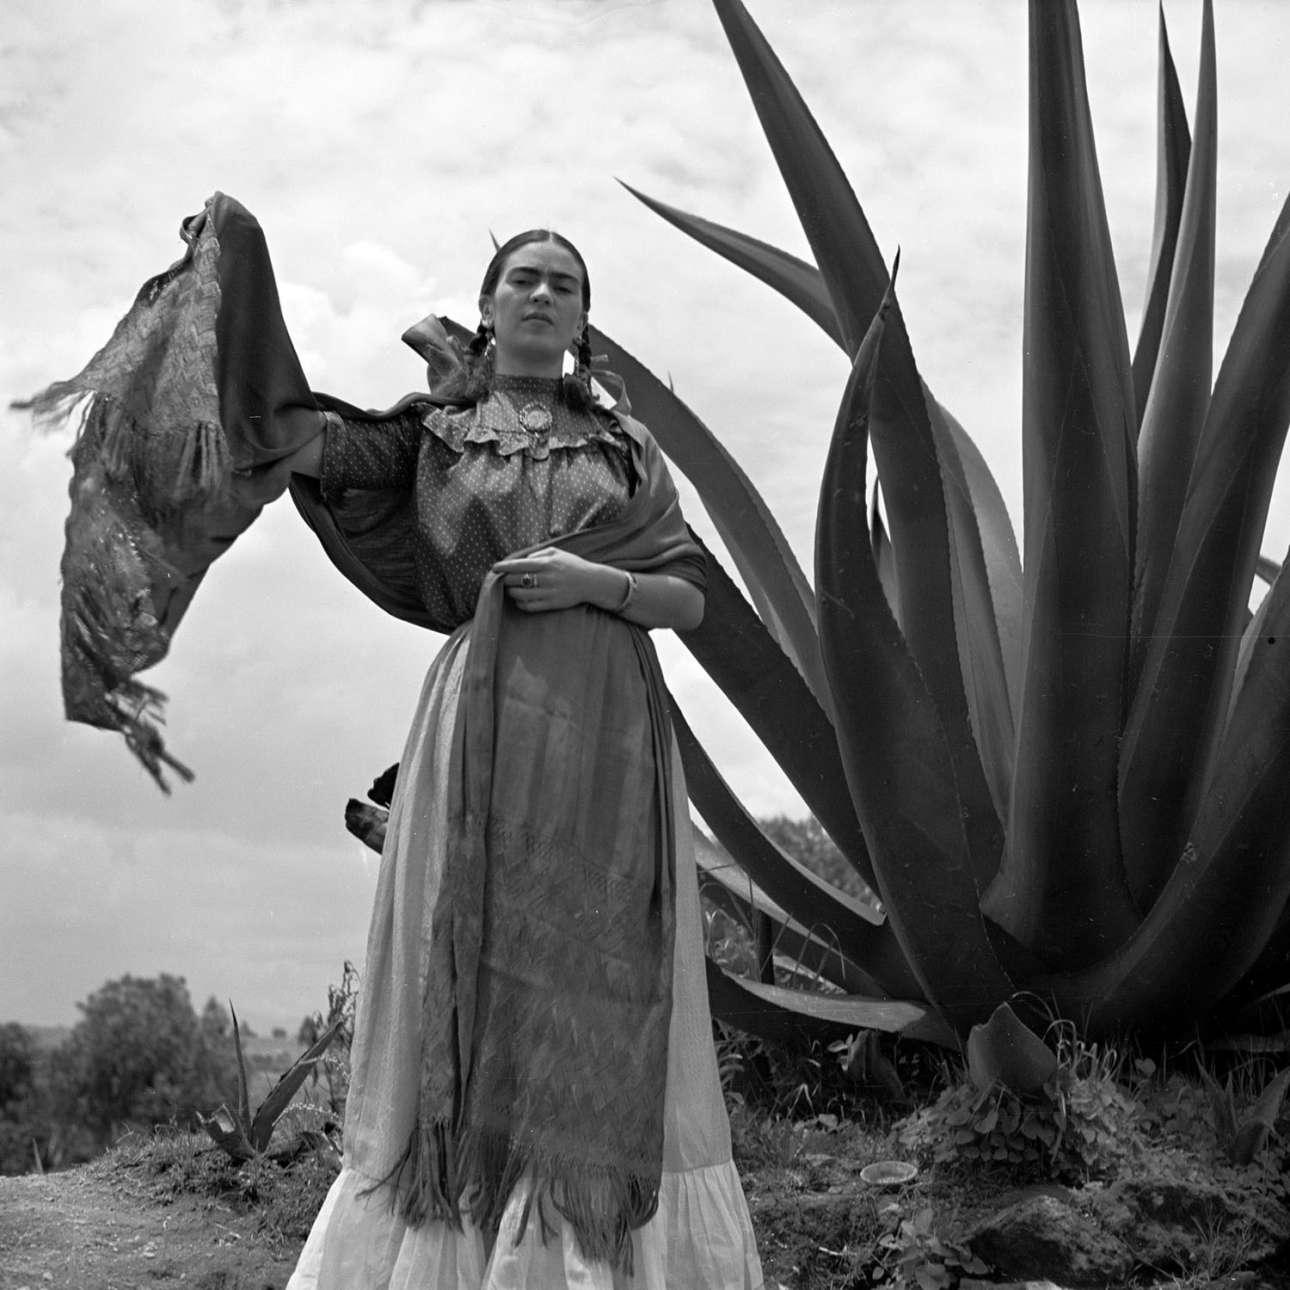 Η μεξικανή ζωγράφος Φρίντα Κάλο ποζάρει δίπλα σε ένα φυτό αγαύη για το περιοδικό Vogue, το 1937